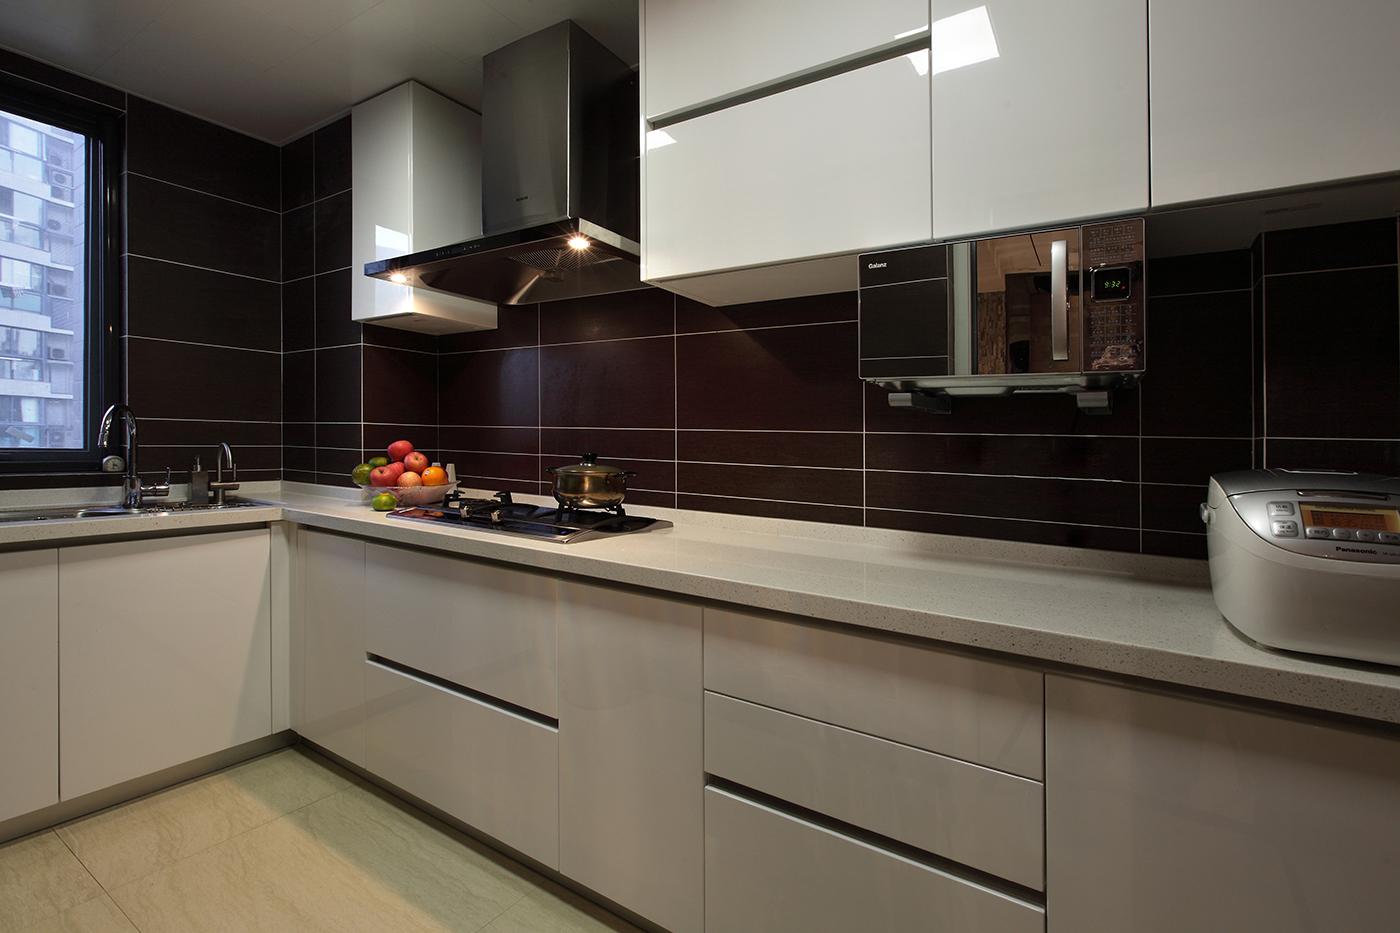 140㎡现代简约厨房装修效果图